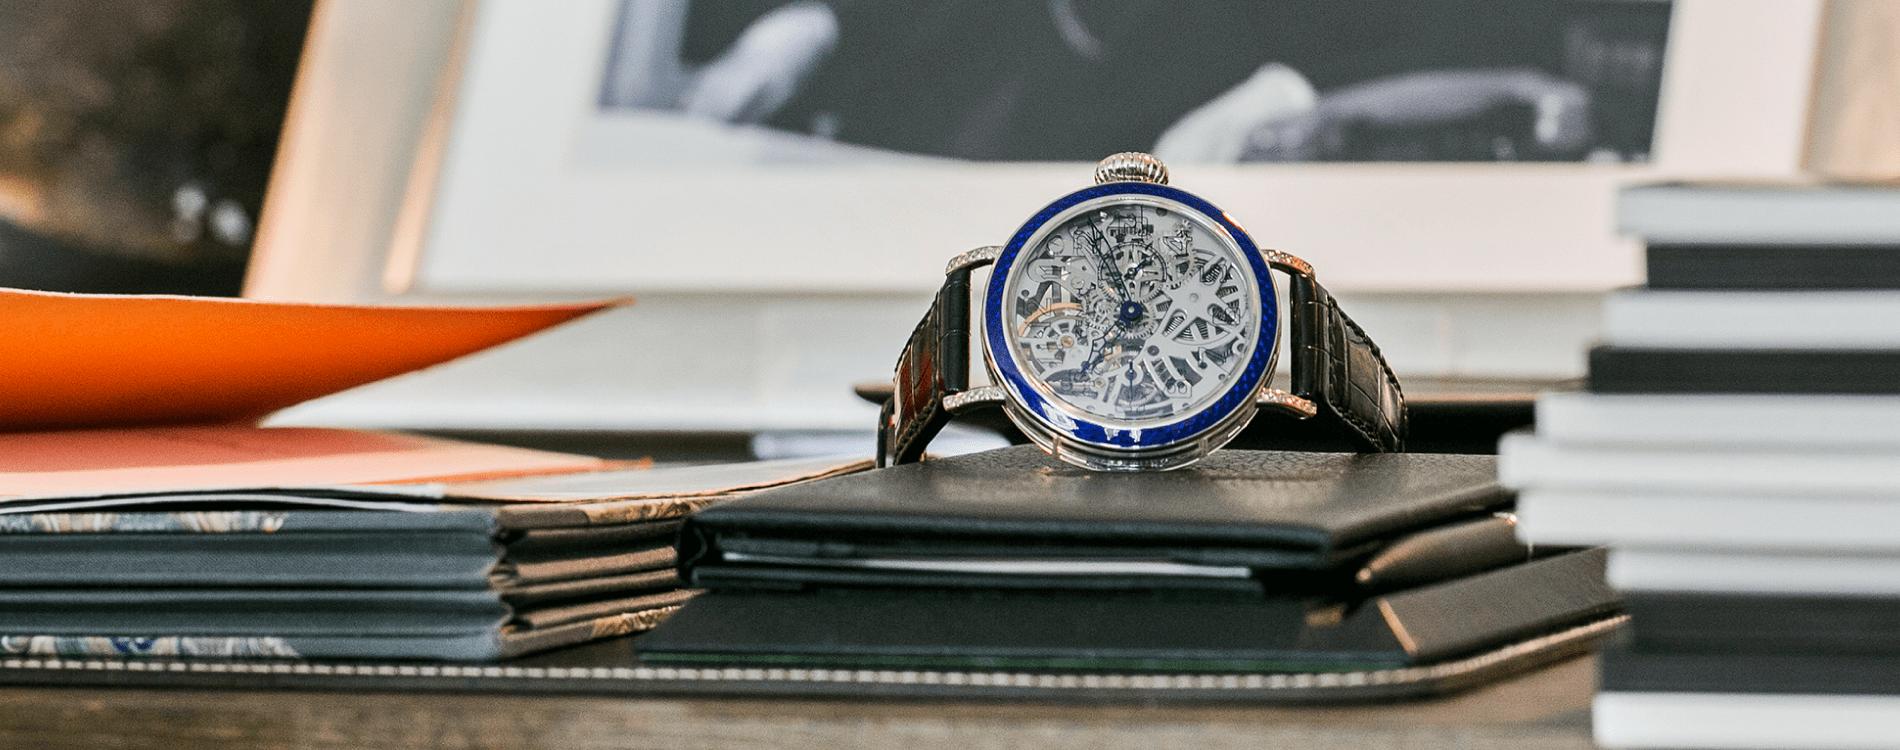 Zenith Pilot Type 20 Skeleton, un reloj marcado por la historia y artesanía